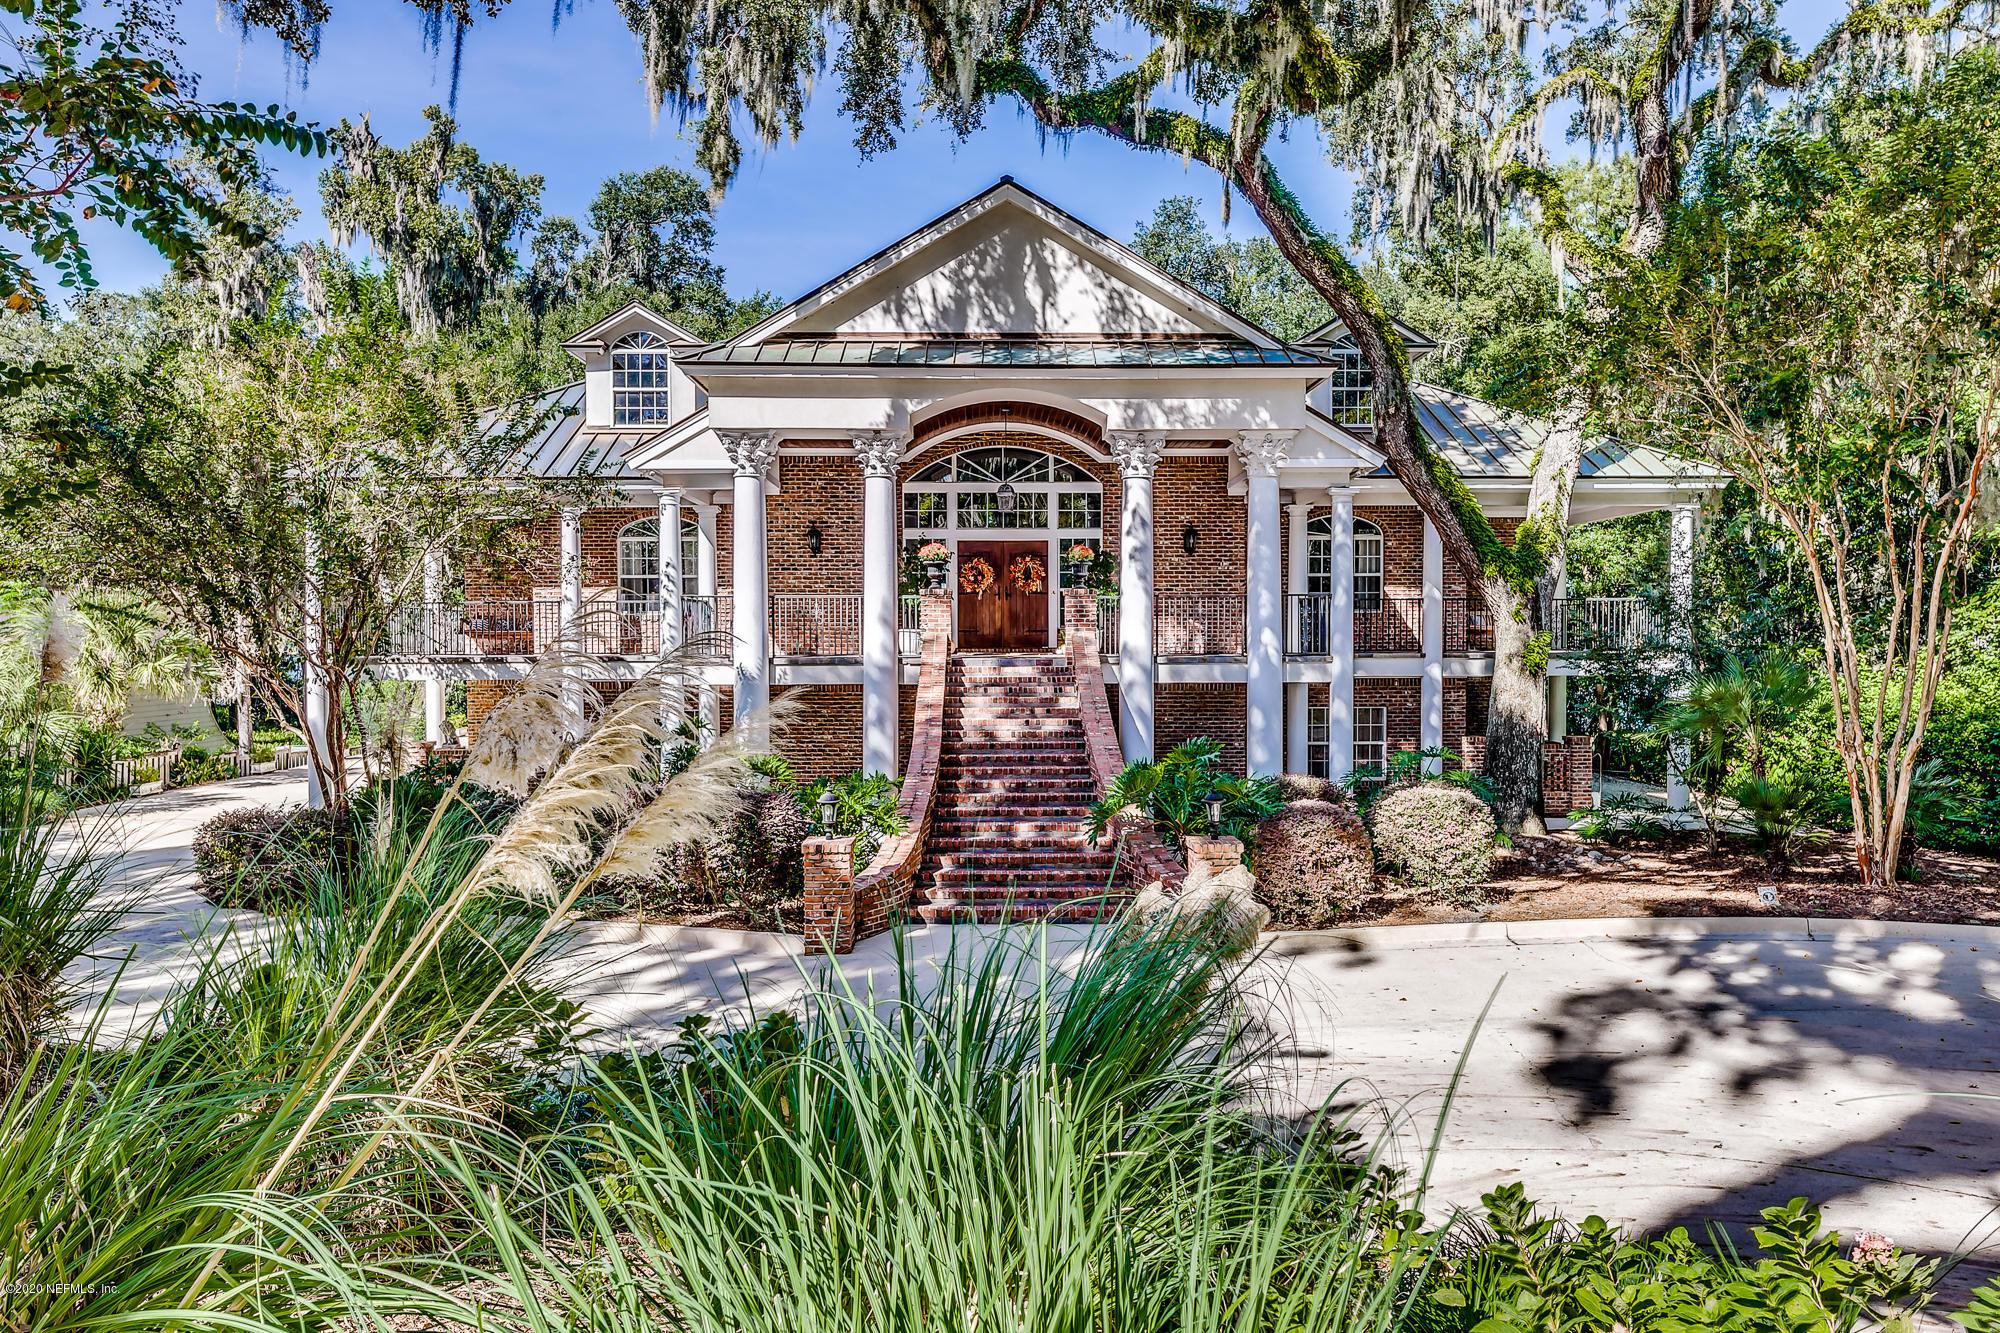 4200 Ortega Forest Dr Jacksonville, Fl 32210